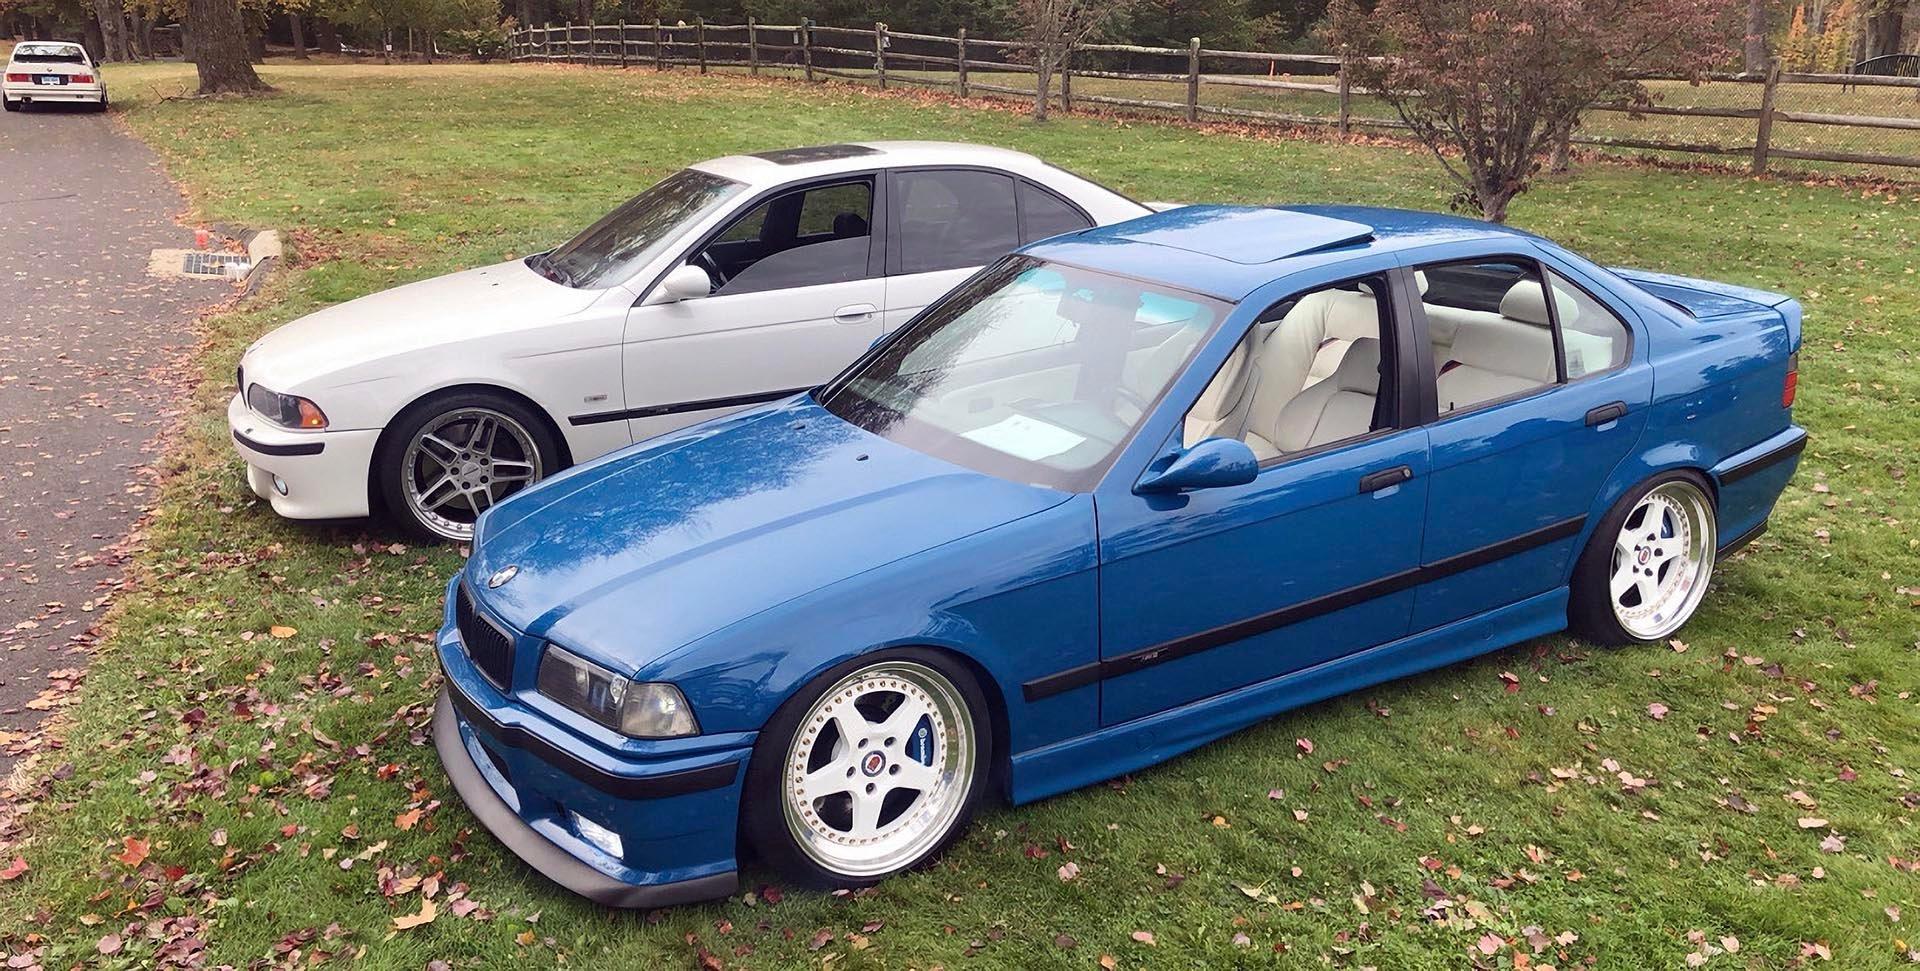 Laguna Seca Blue E36 M3 and E39 M5